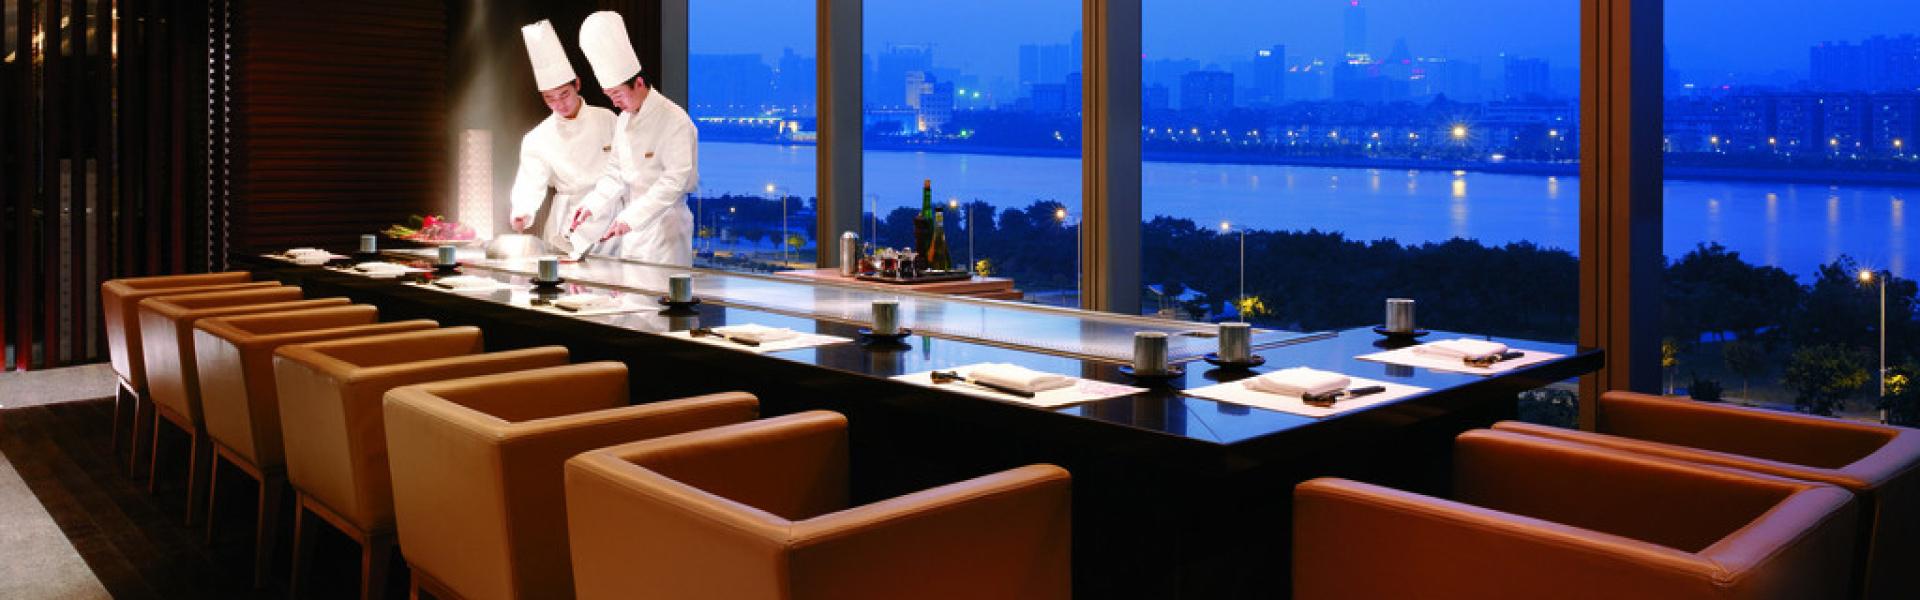 北京厨房设备案例